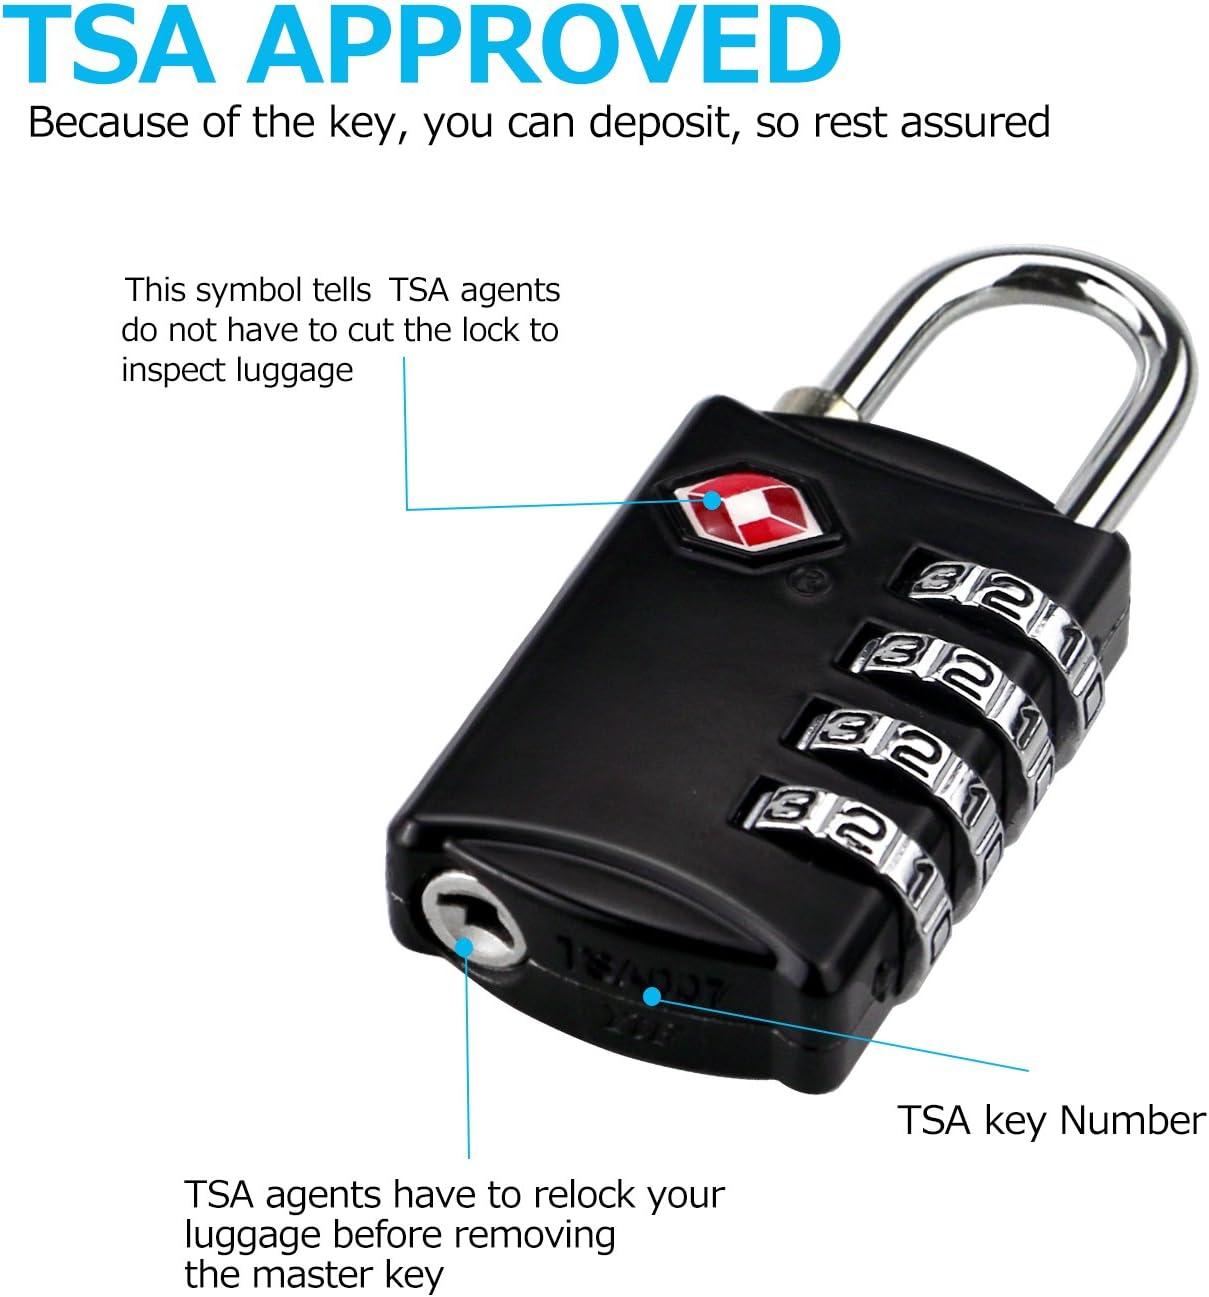 Mini Valise /à Bagages TSA Serrure Cadran Chiffre num/éro Code Combinaison Cadenas s/écurit/é Voyage s/écurit/é Mot de Passe serrures